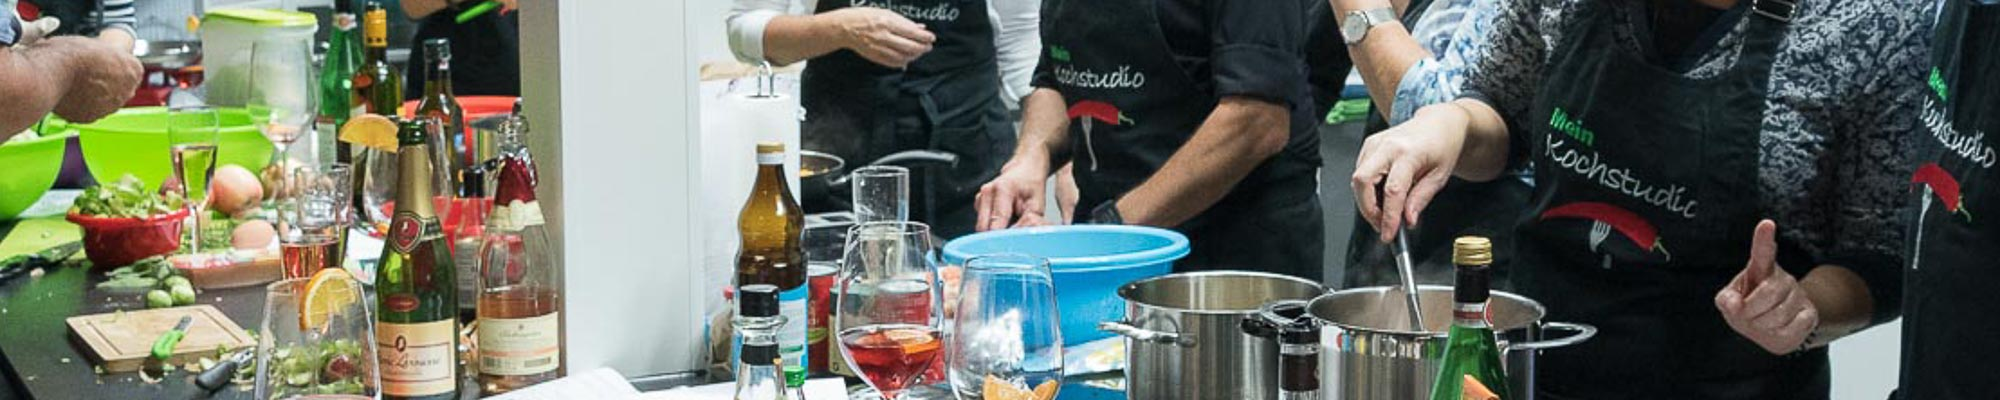 Kochevent mit Freunden-